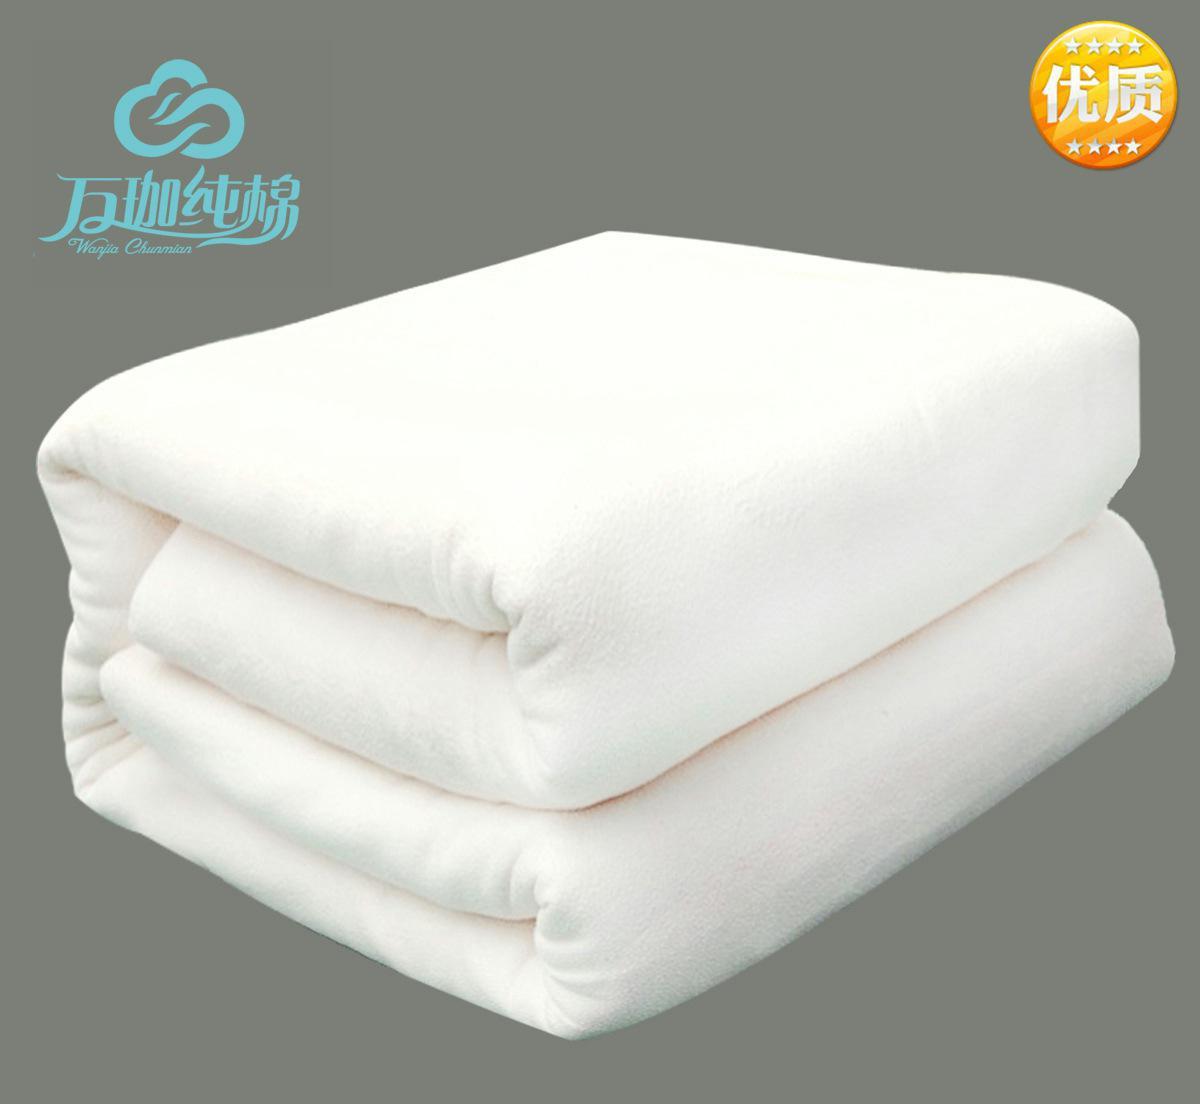 新疆棉花被棉胎棉絮便宜夏凉被厂家直销被芯6斤